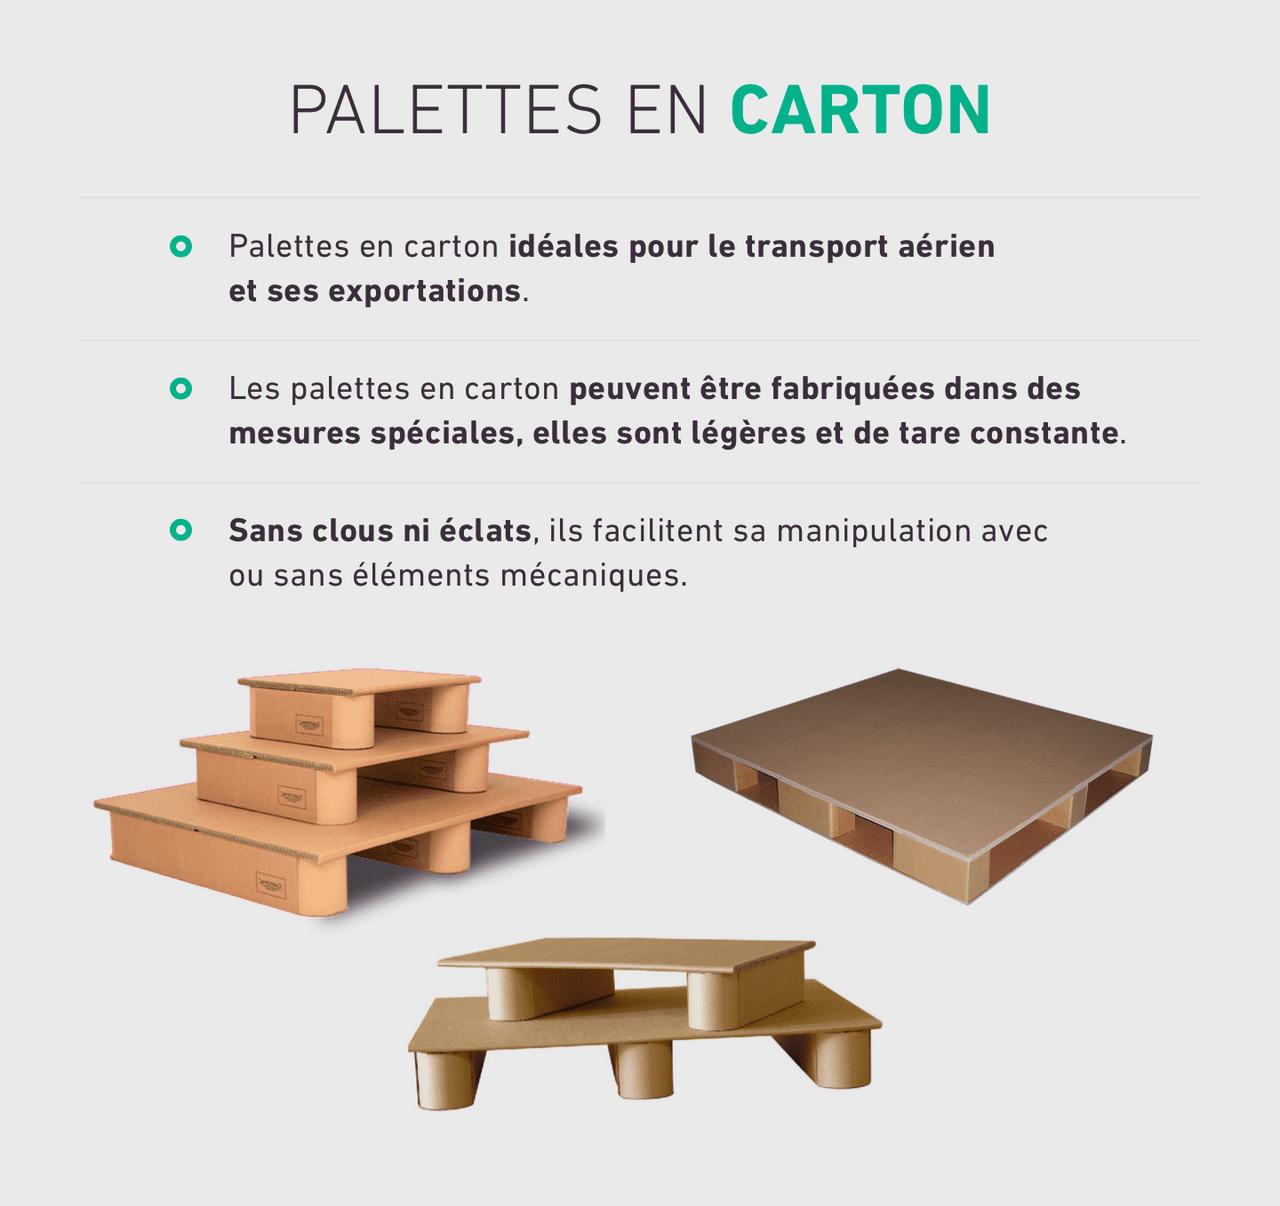 Palettes en carton idéales pour le transport aérien et ses exportations. Les palettes en carton peuvent être fabriquées dans des mesures spéciales, elles sont légères et de tare constante. Sans clous ni éclats, ils facilitent sa manipulation avec ou sans éléments mécaniques.